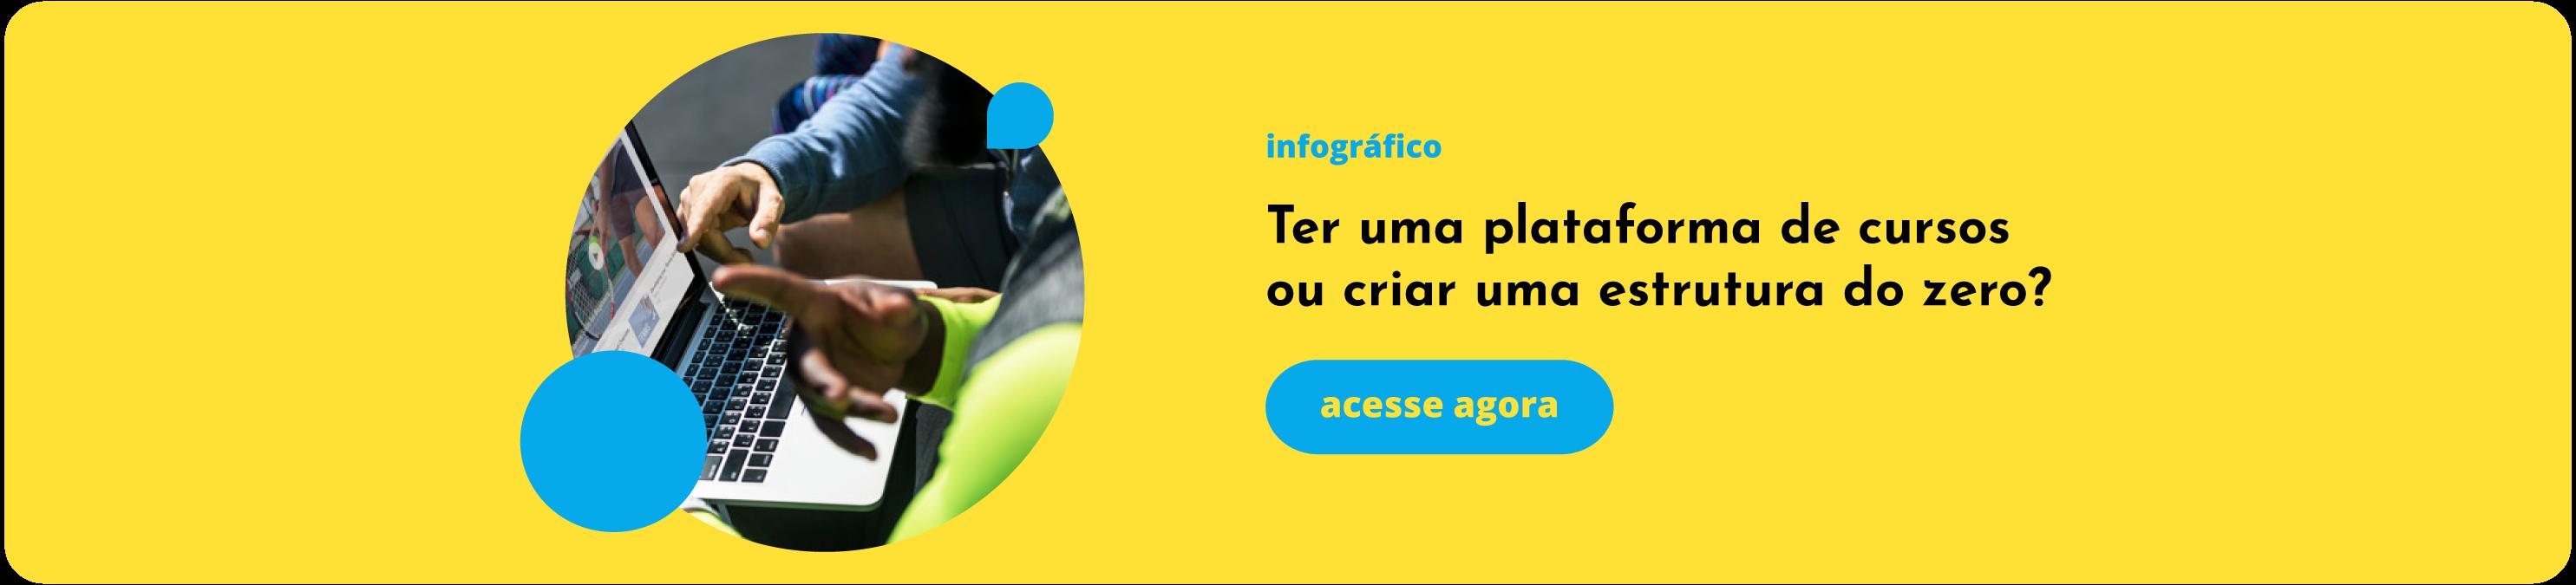 Infografico Plataforma de Cursos ou estrutura do Zero Sambatech